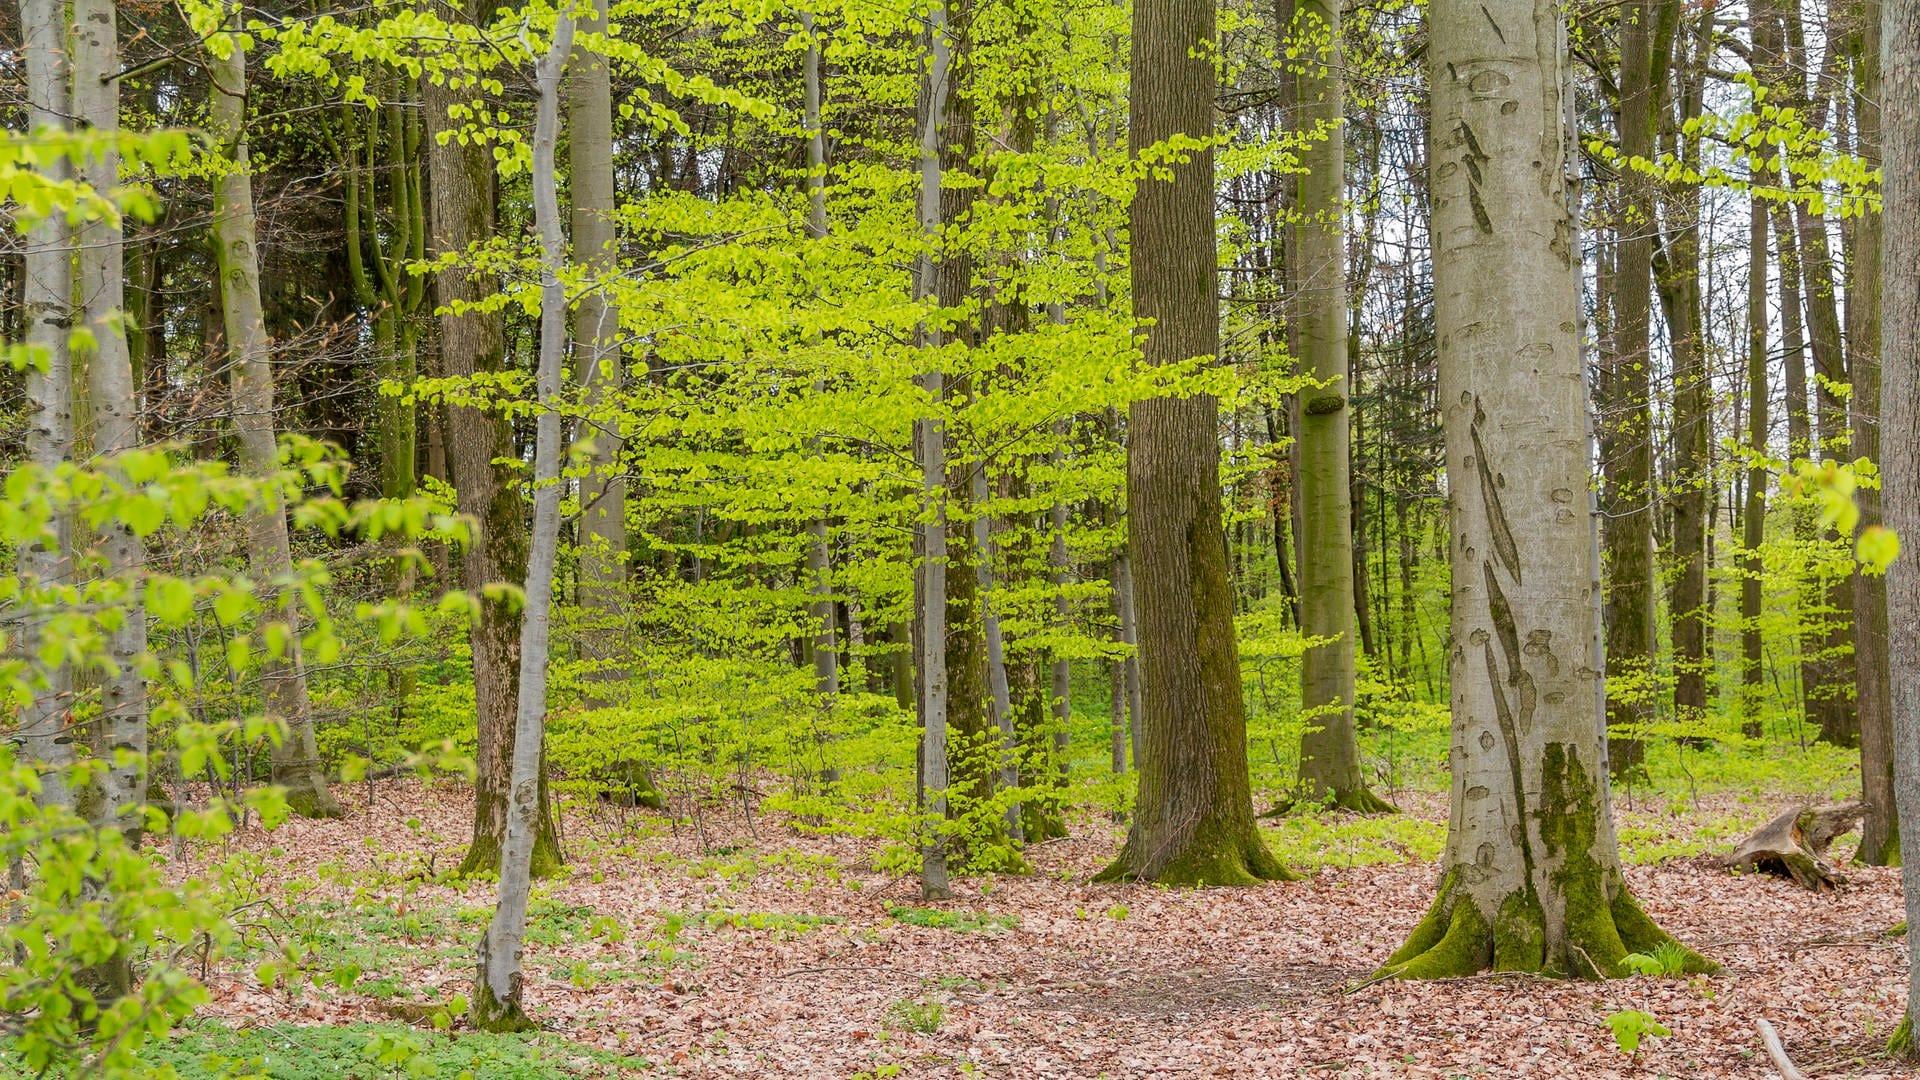 Bäume in einem Wald mit lichten Stellen